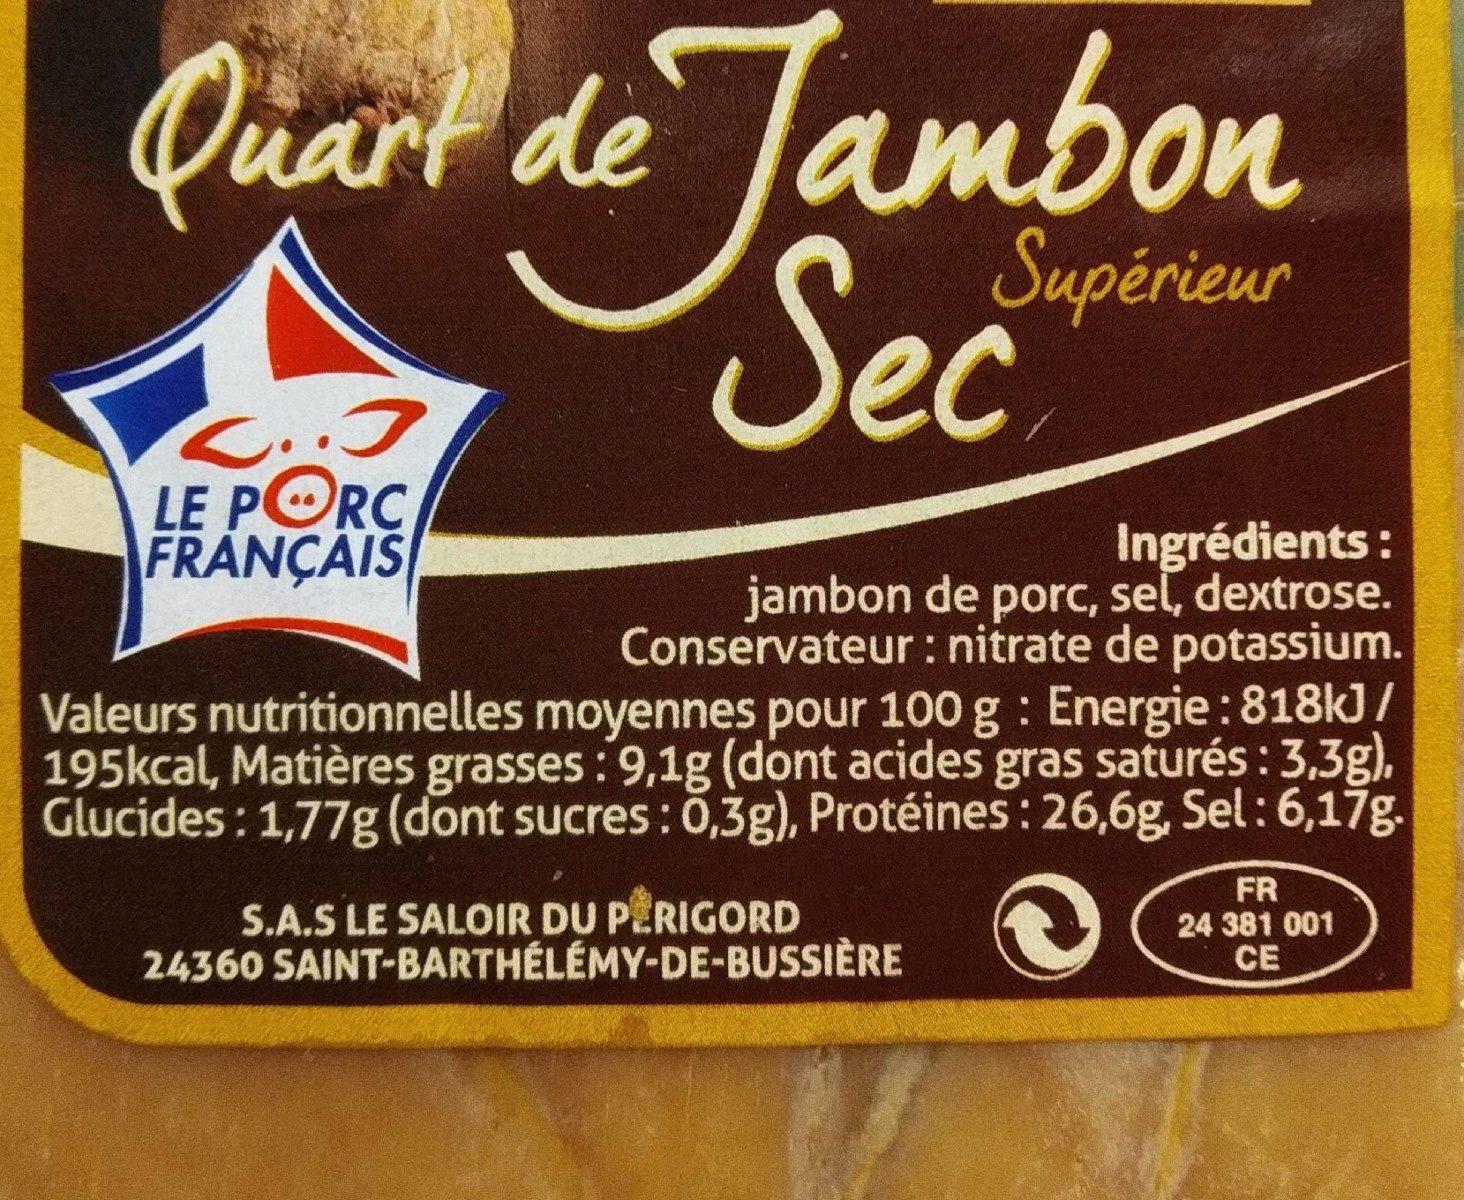 Quart de jambon sec supérieur - Ingrédients - fr